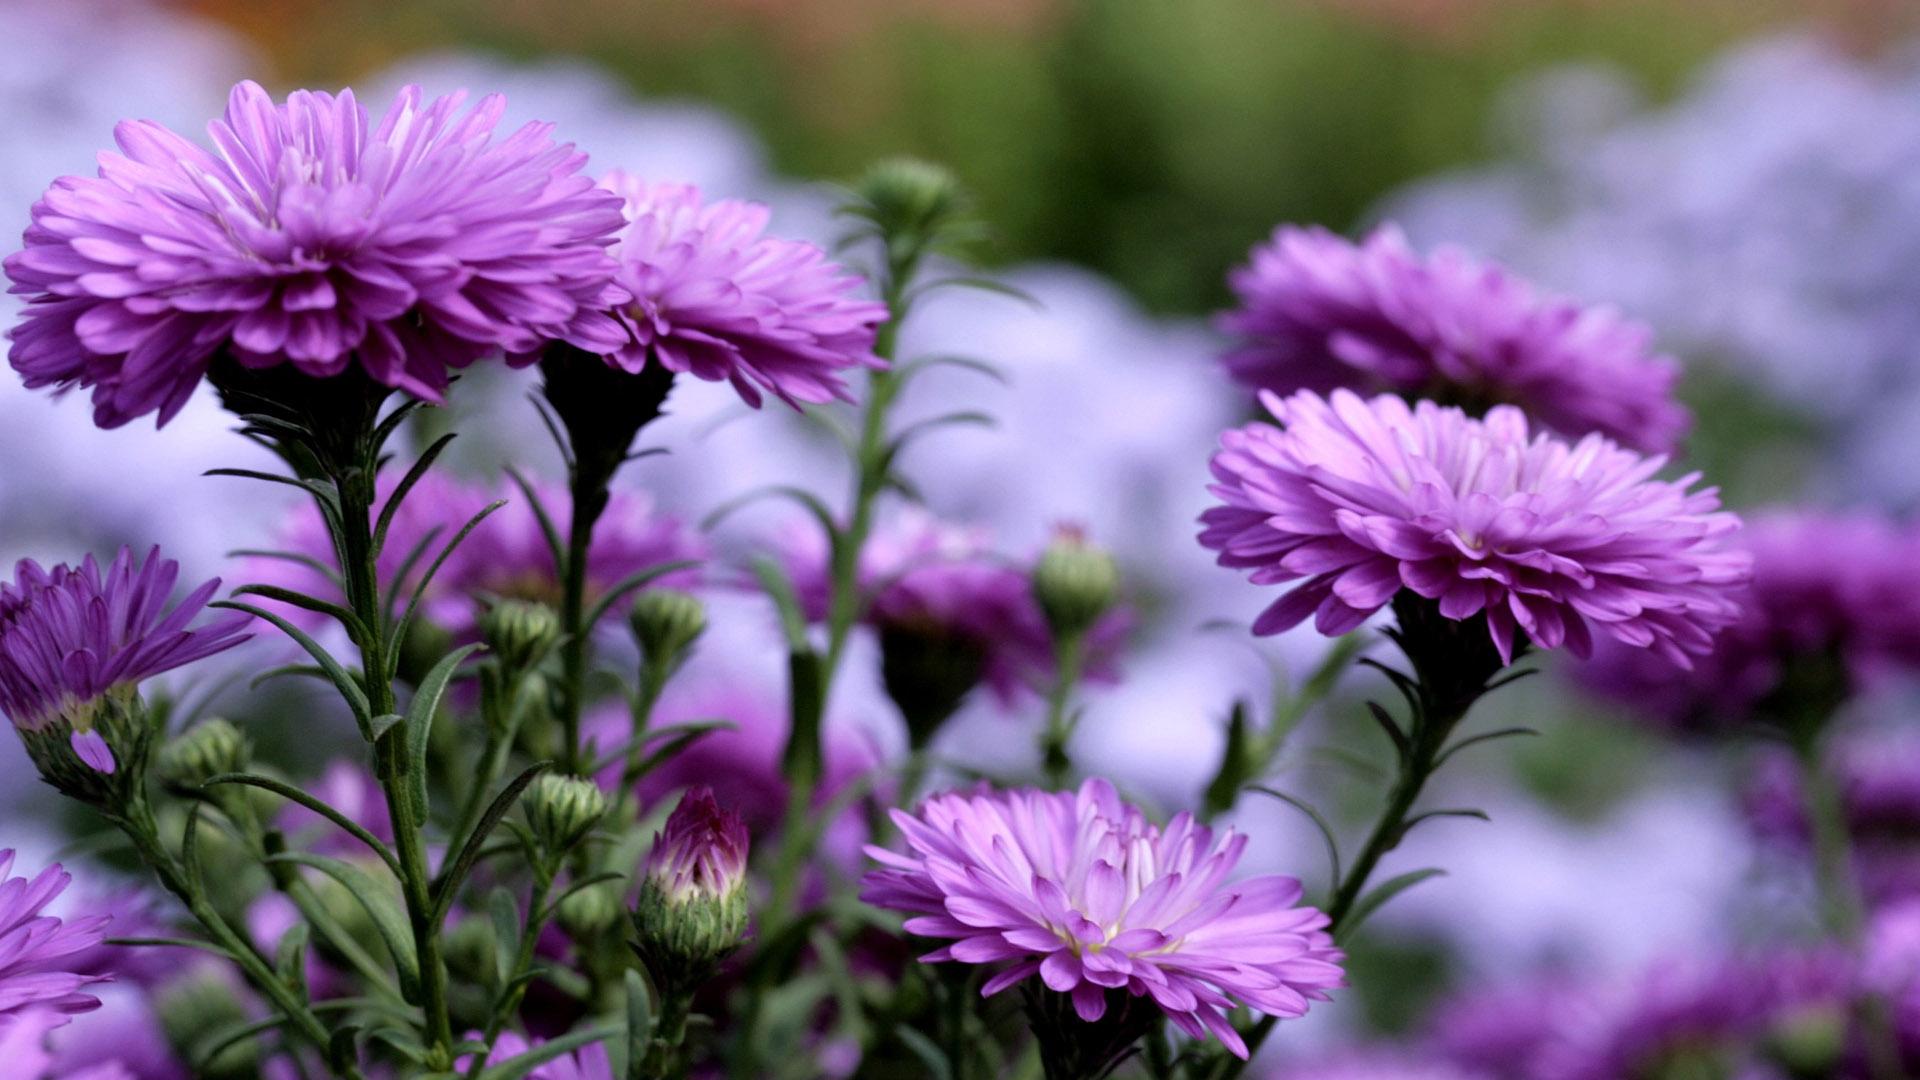 Обои на рабочий стол Цветы хризантемы   подборка (30)